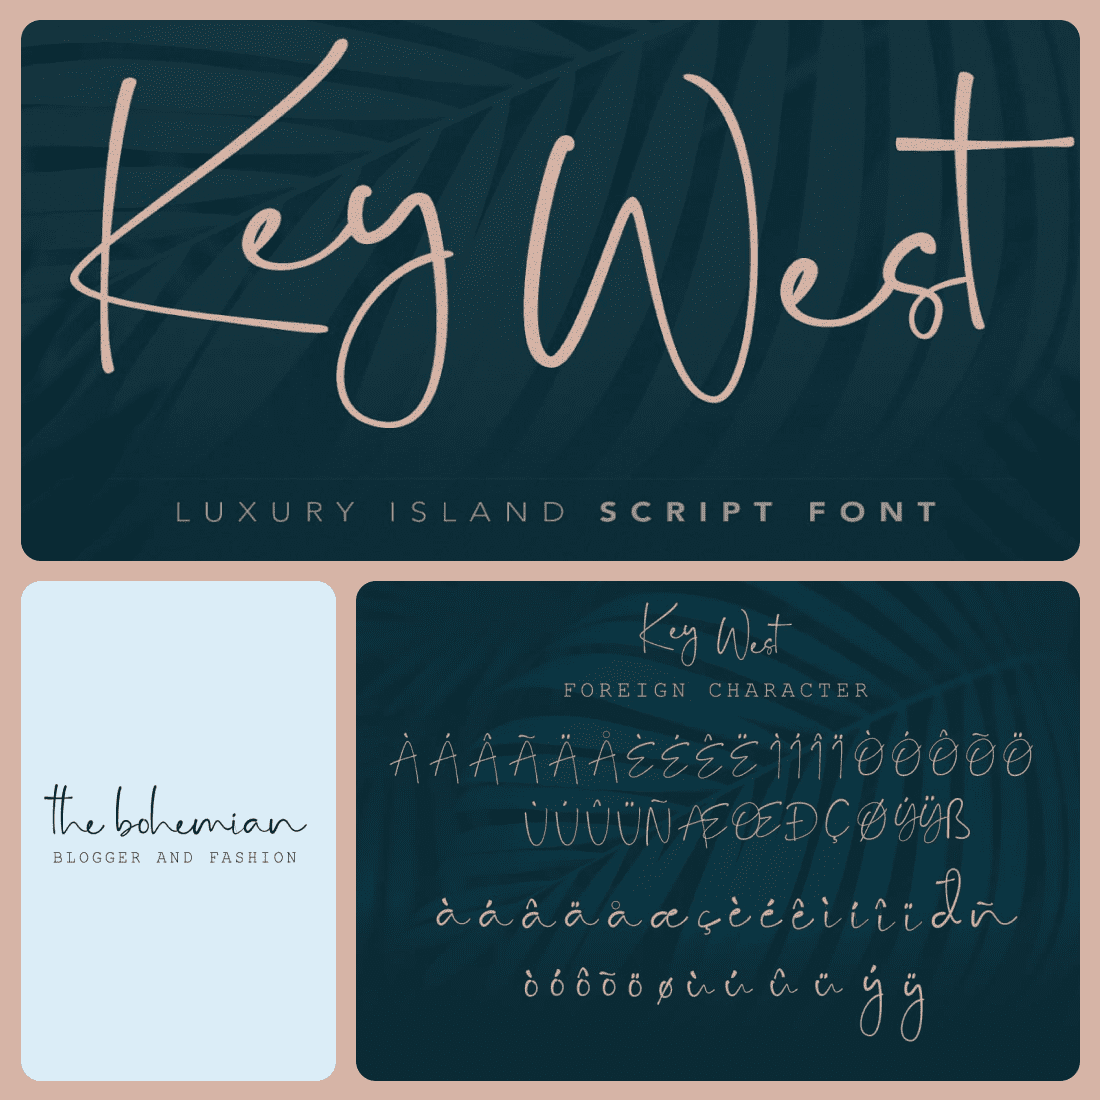 Key West Script Font